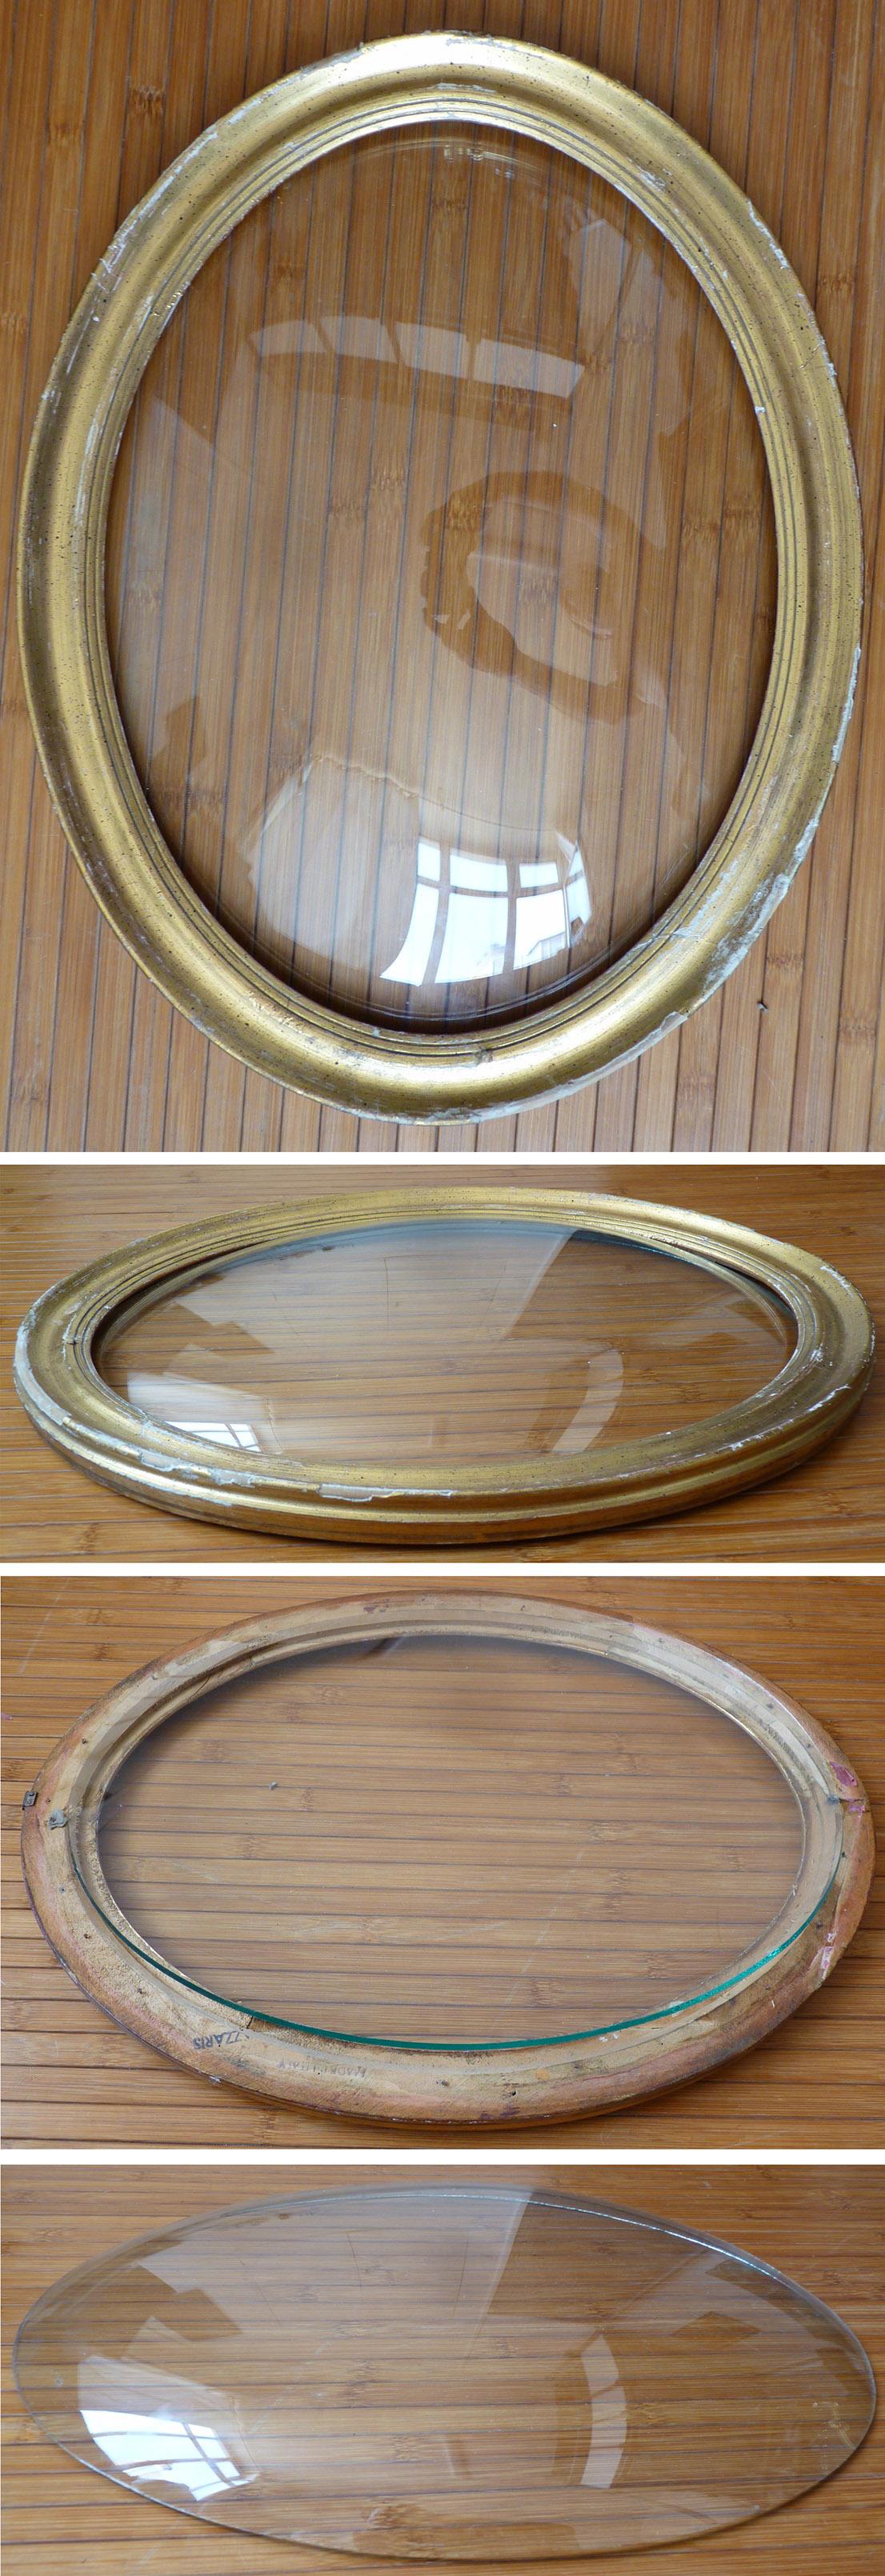 cadre ovale en bois dor et verre bomb pour pastel ou relique ebay. Black Bedroom Furniture Sets. Home Design Ideas